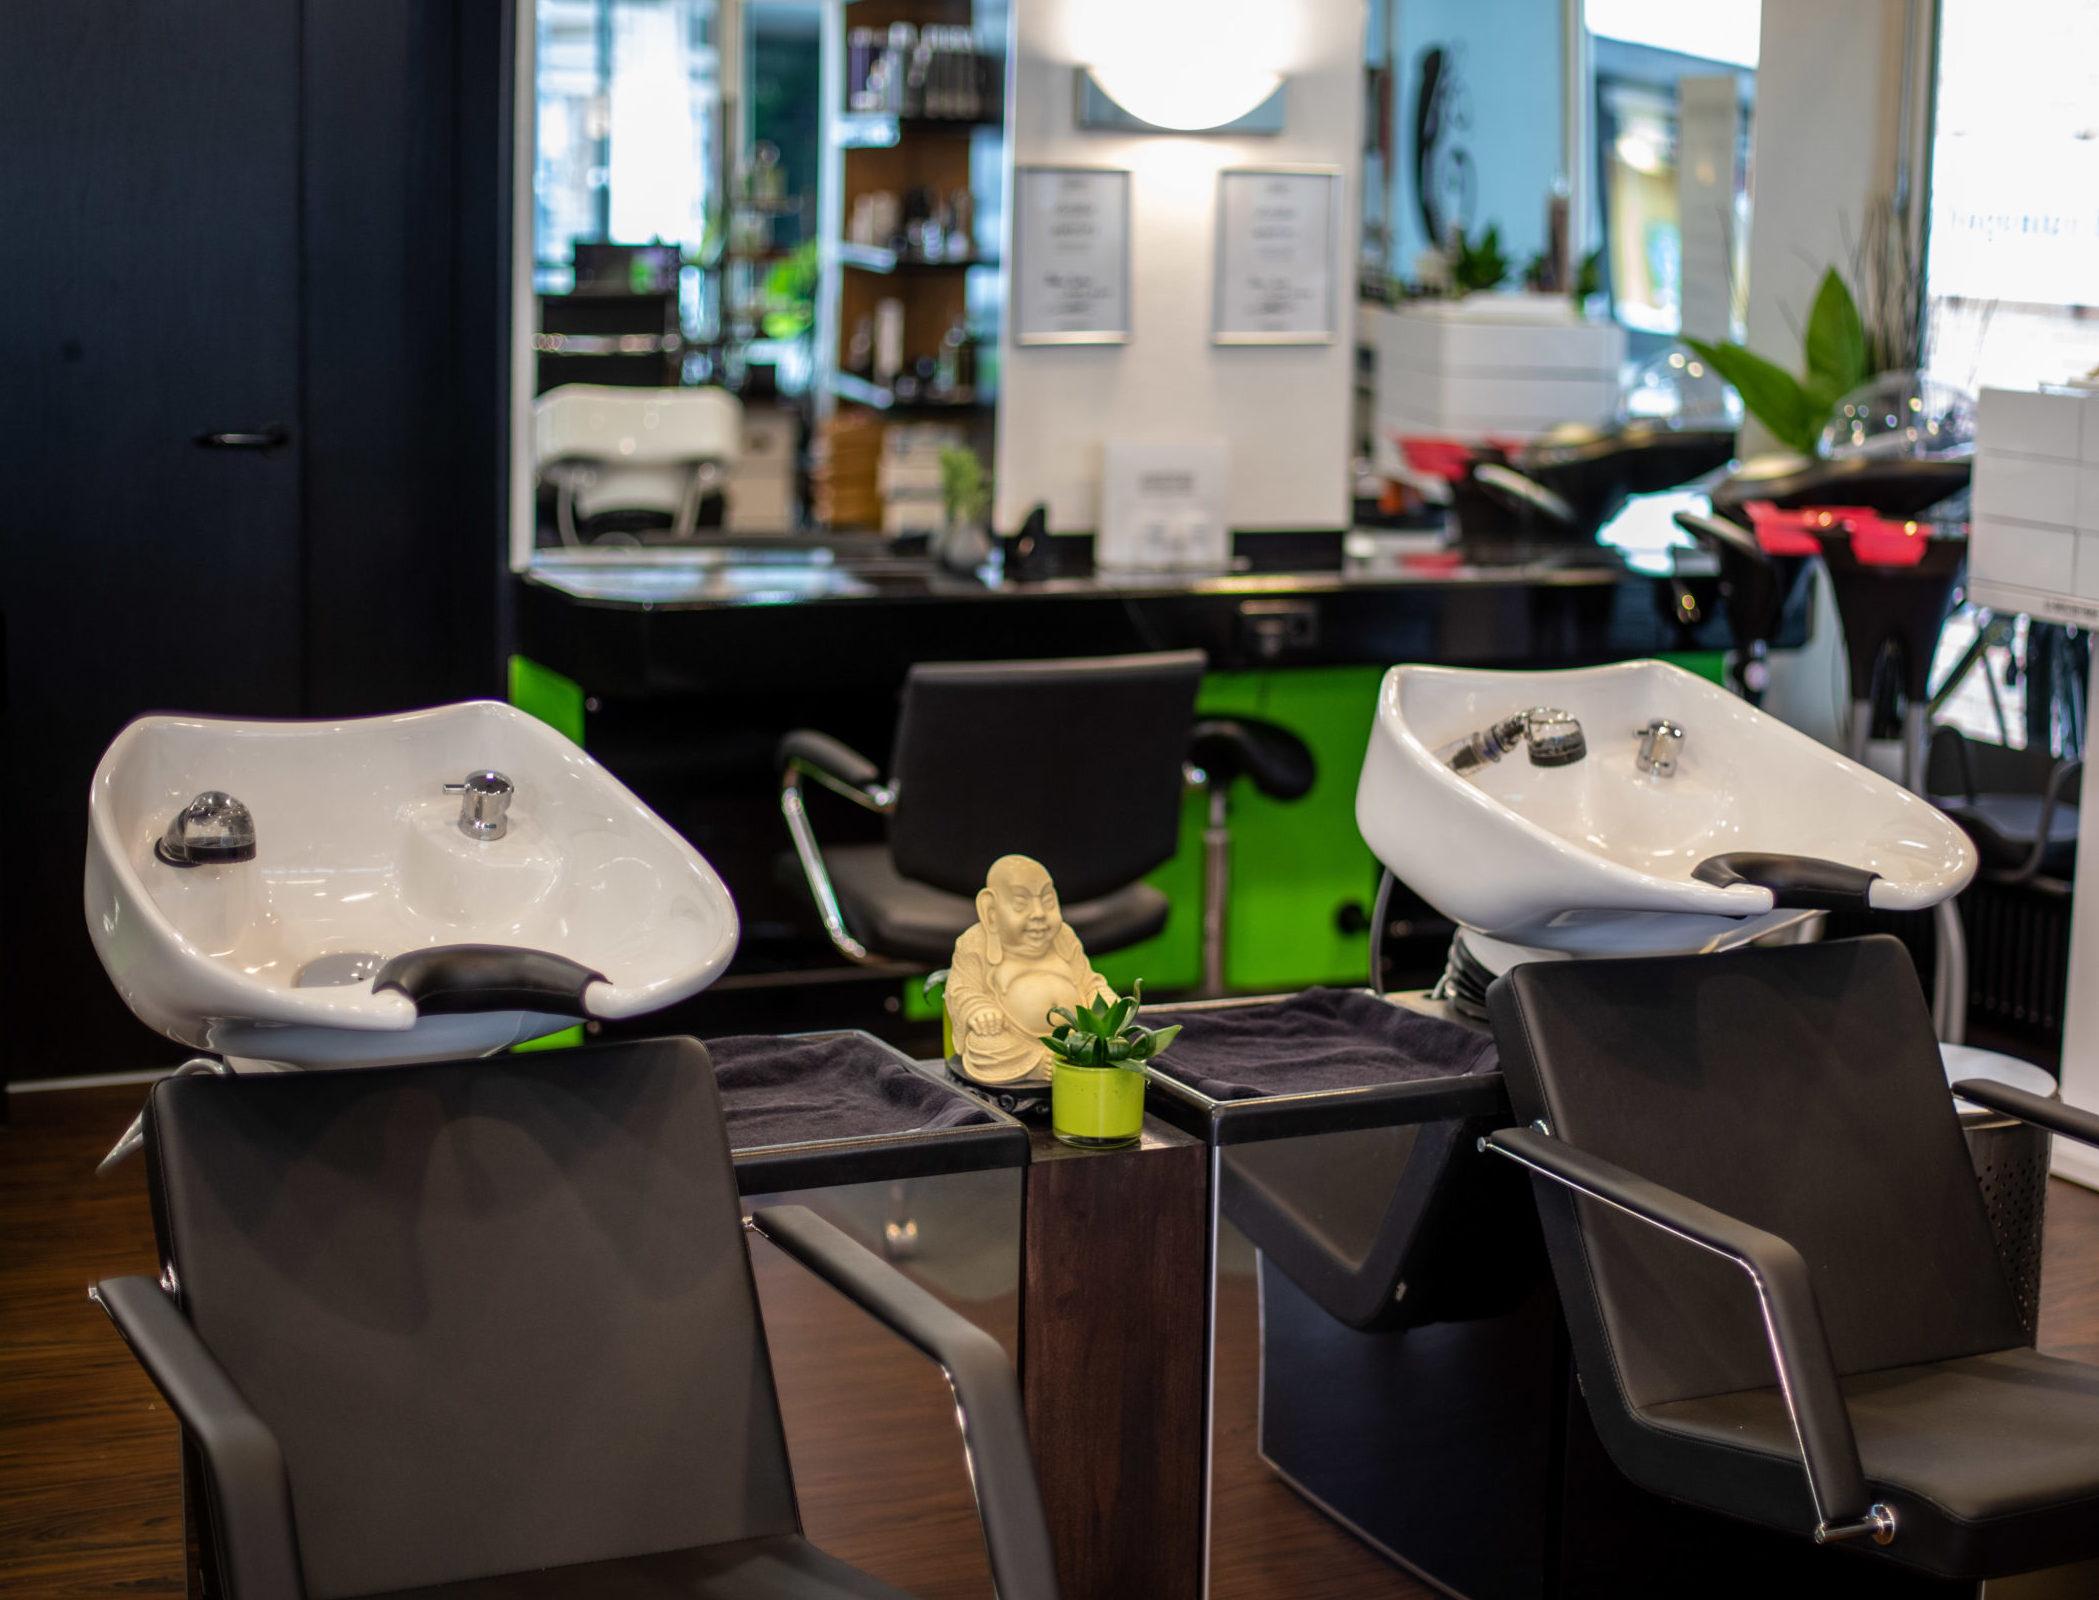 Salon, Waschplätze